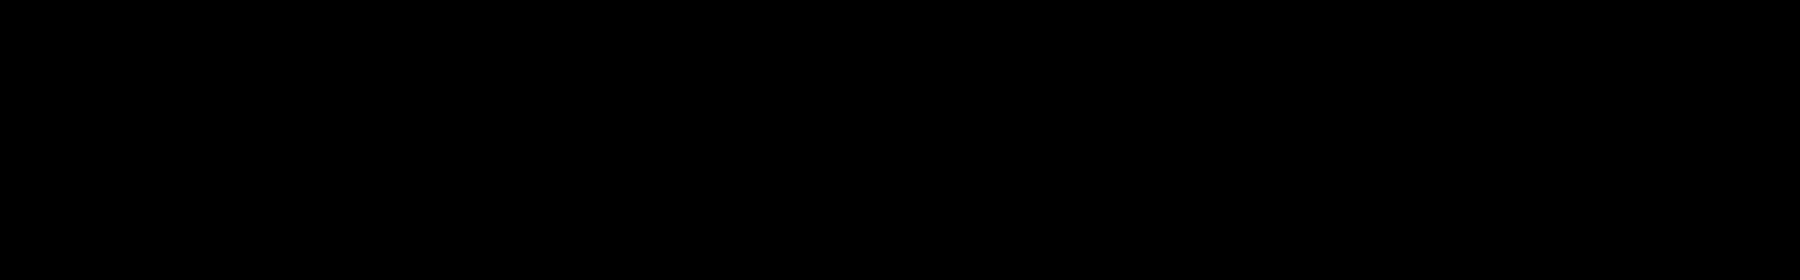 FX Spire audio waveform